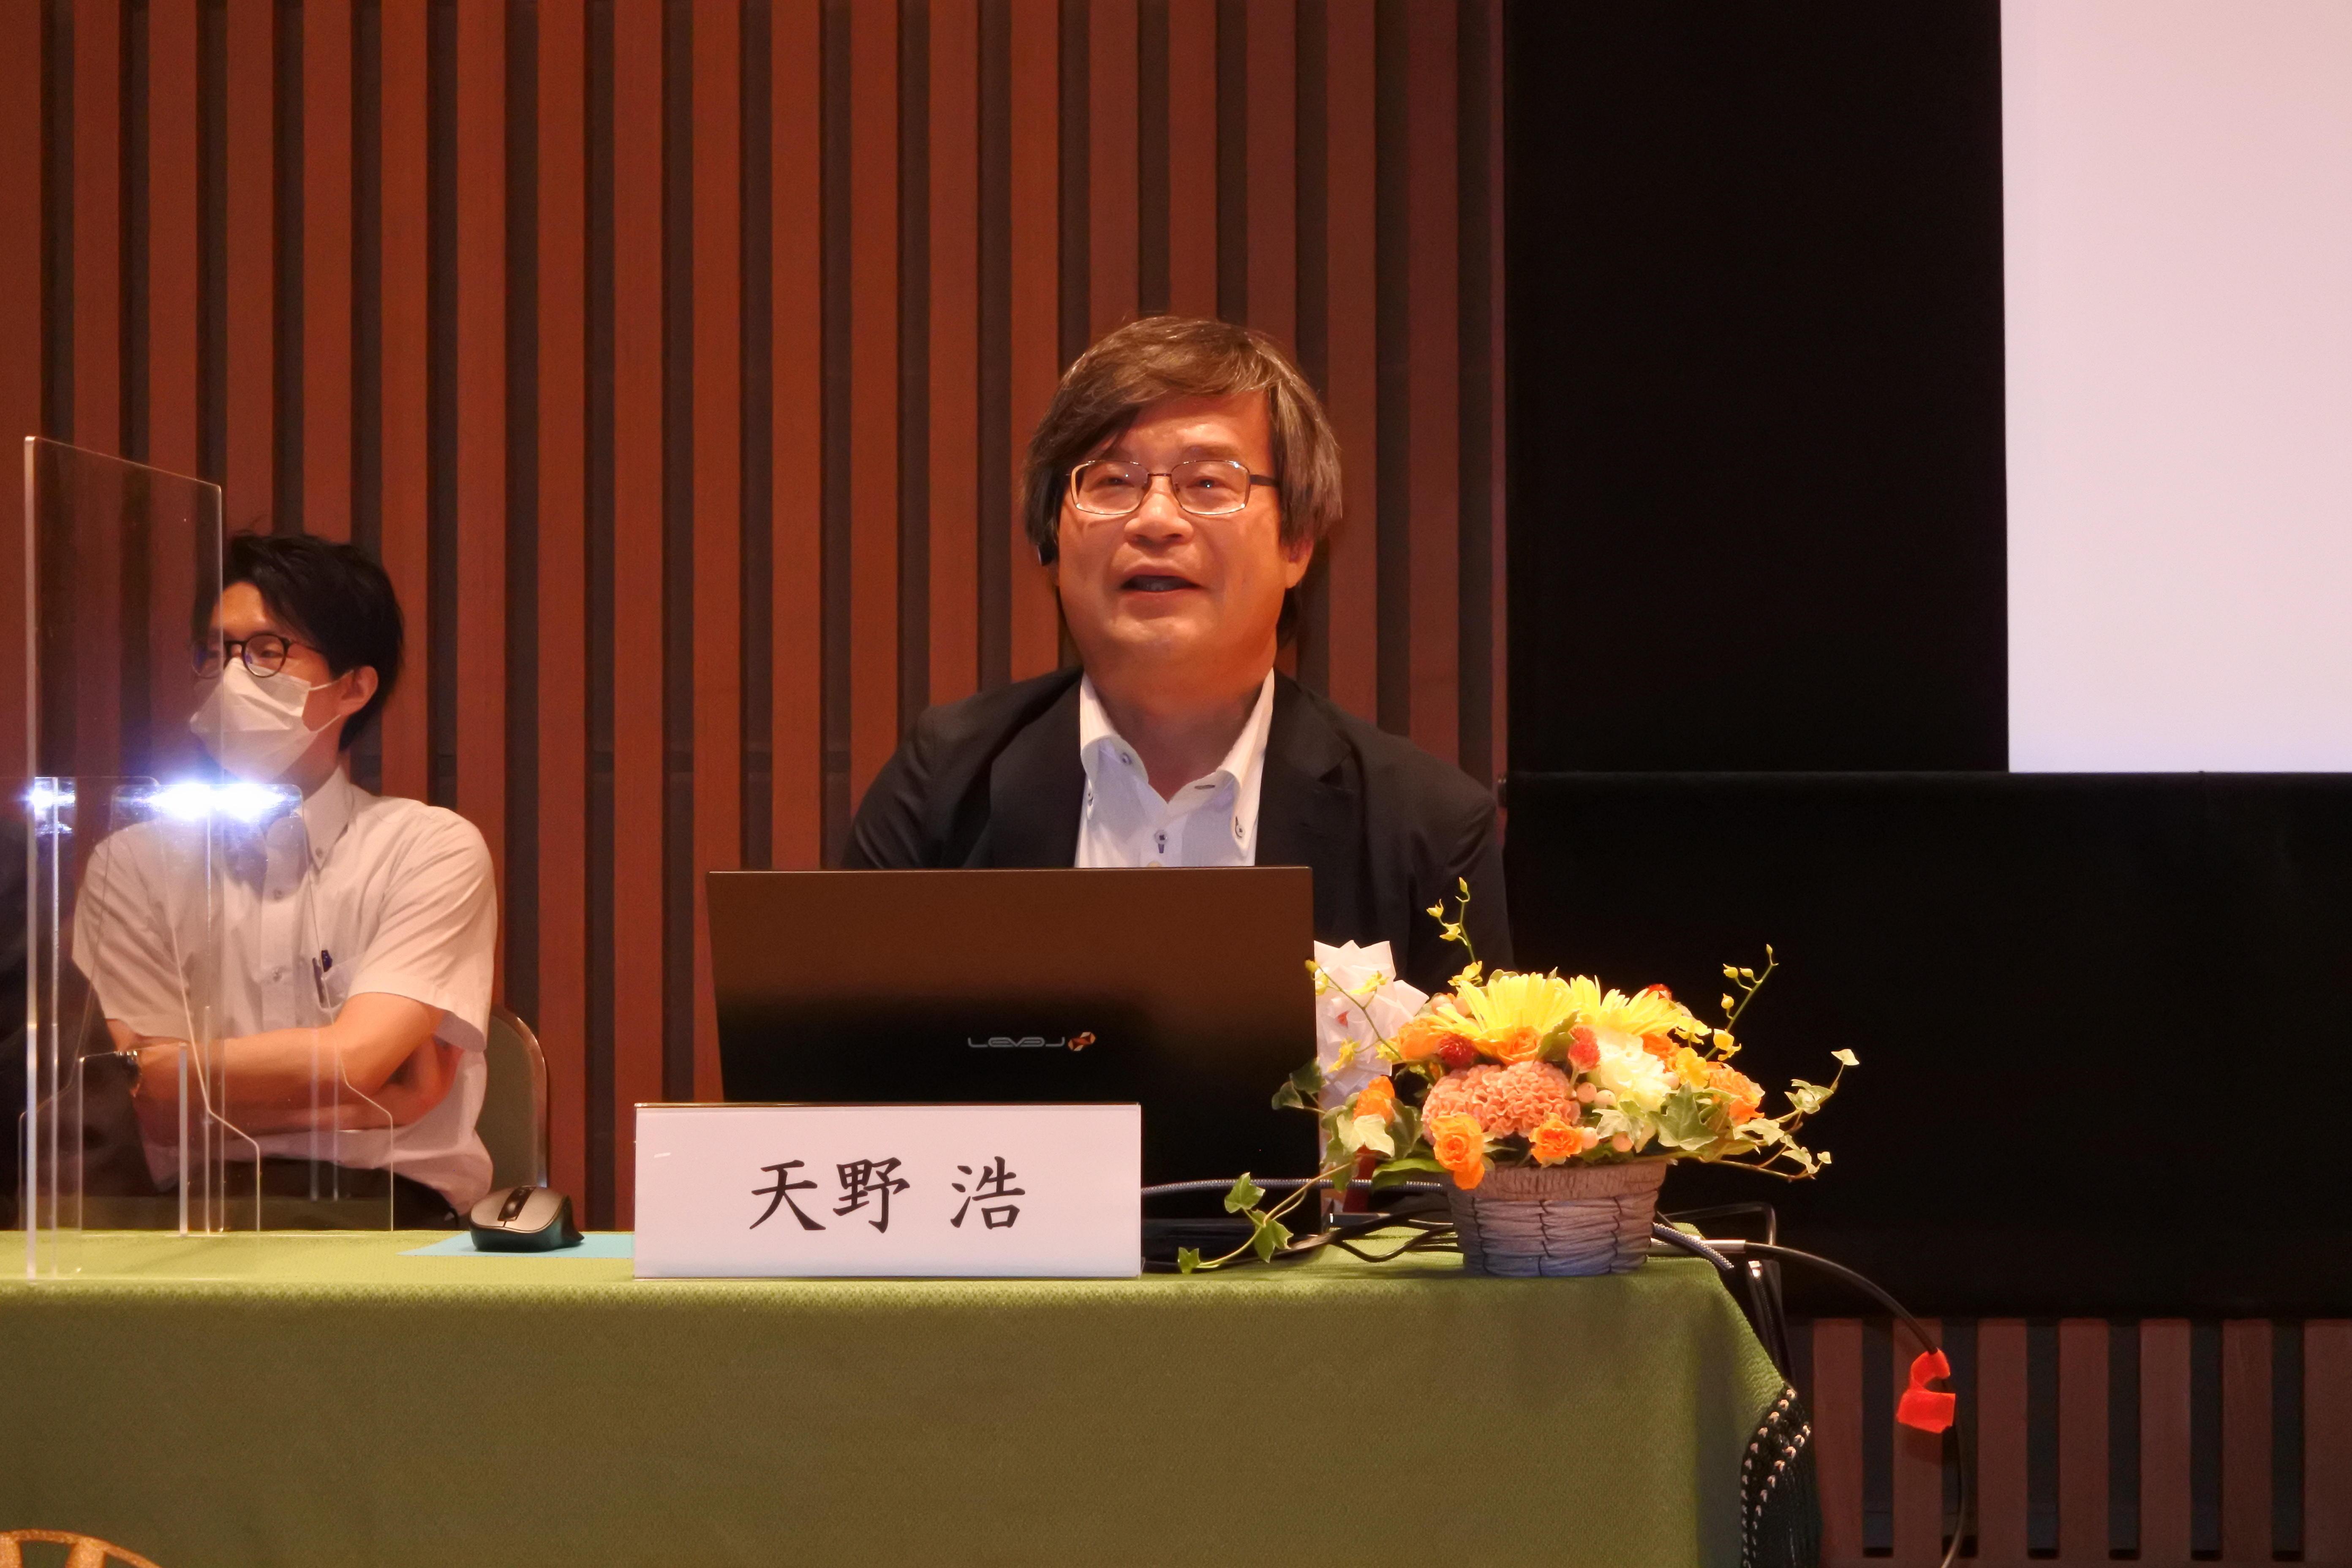 ウェブ会議で講演する天野浩教授